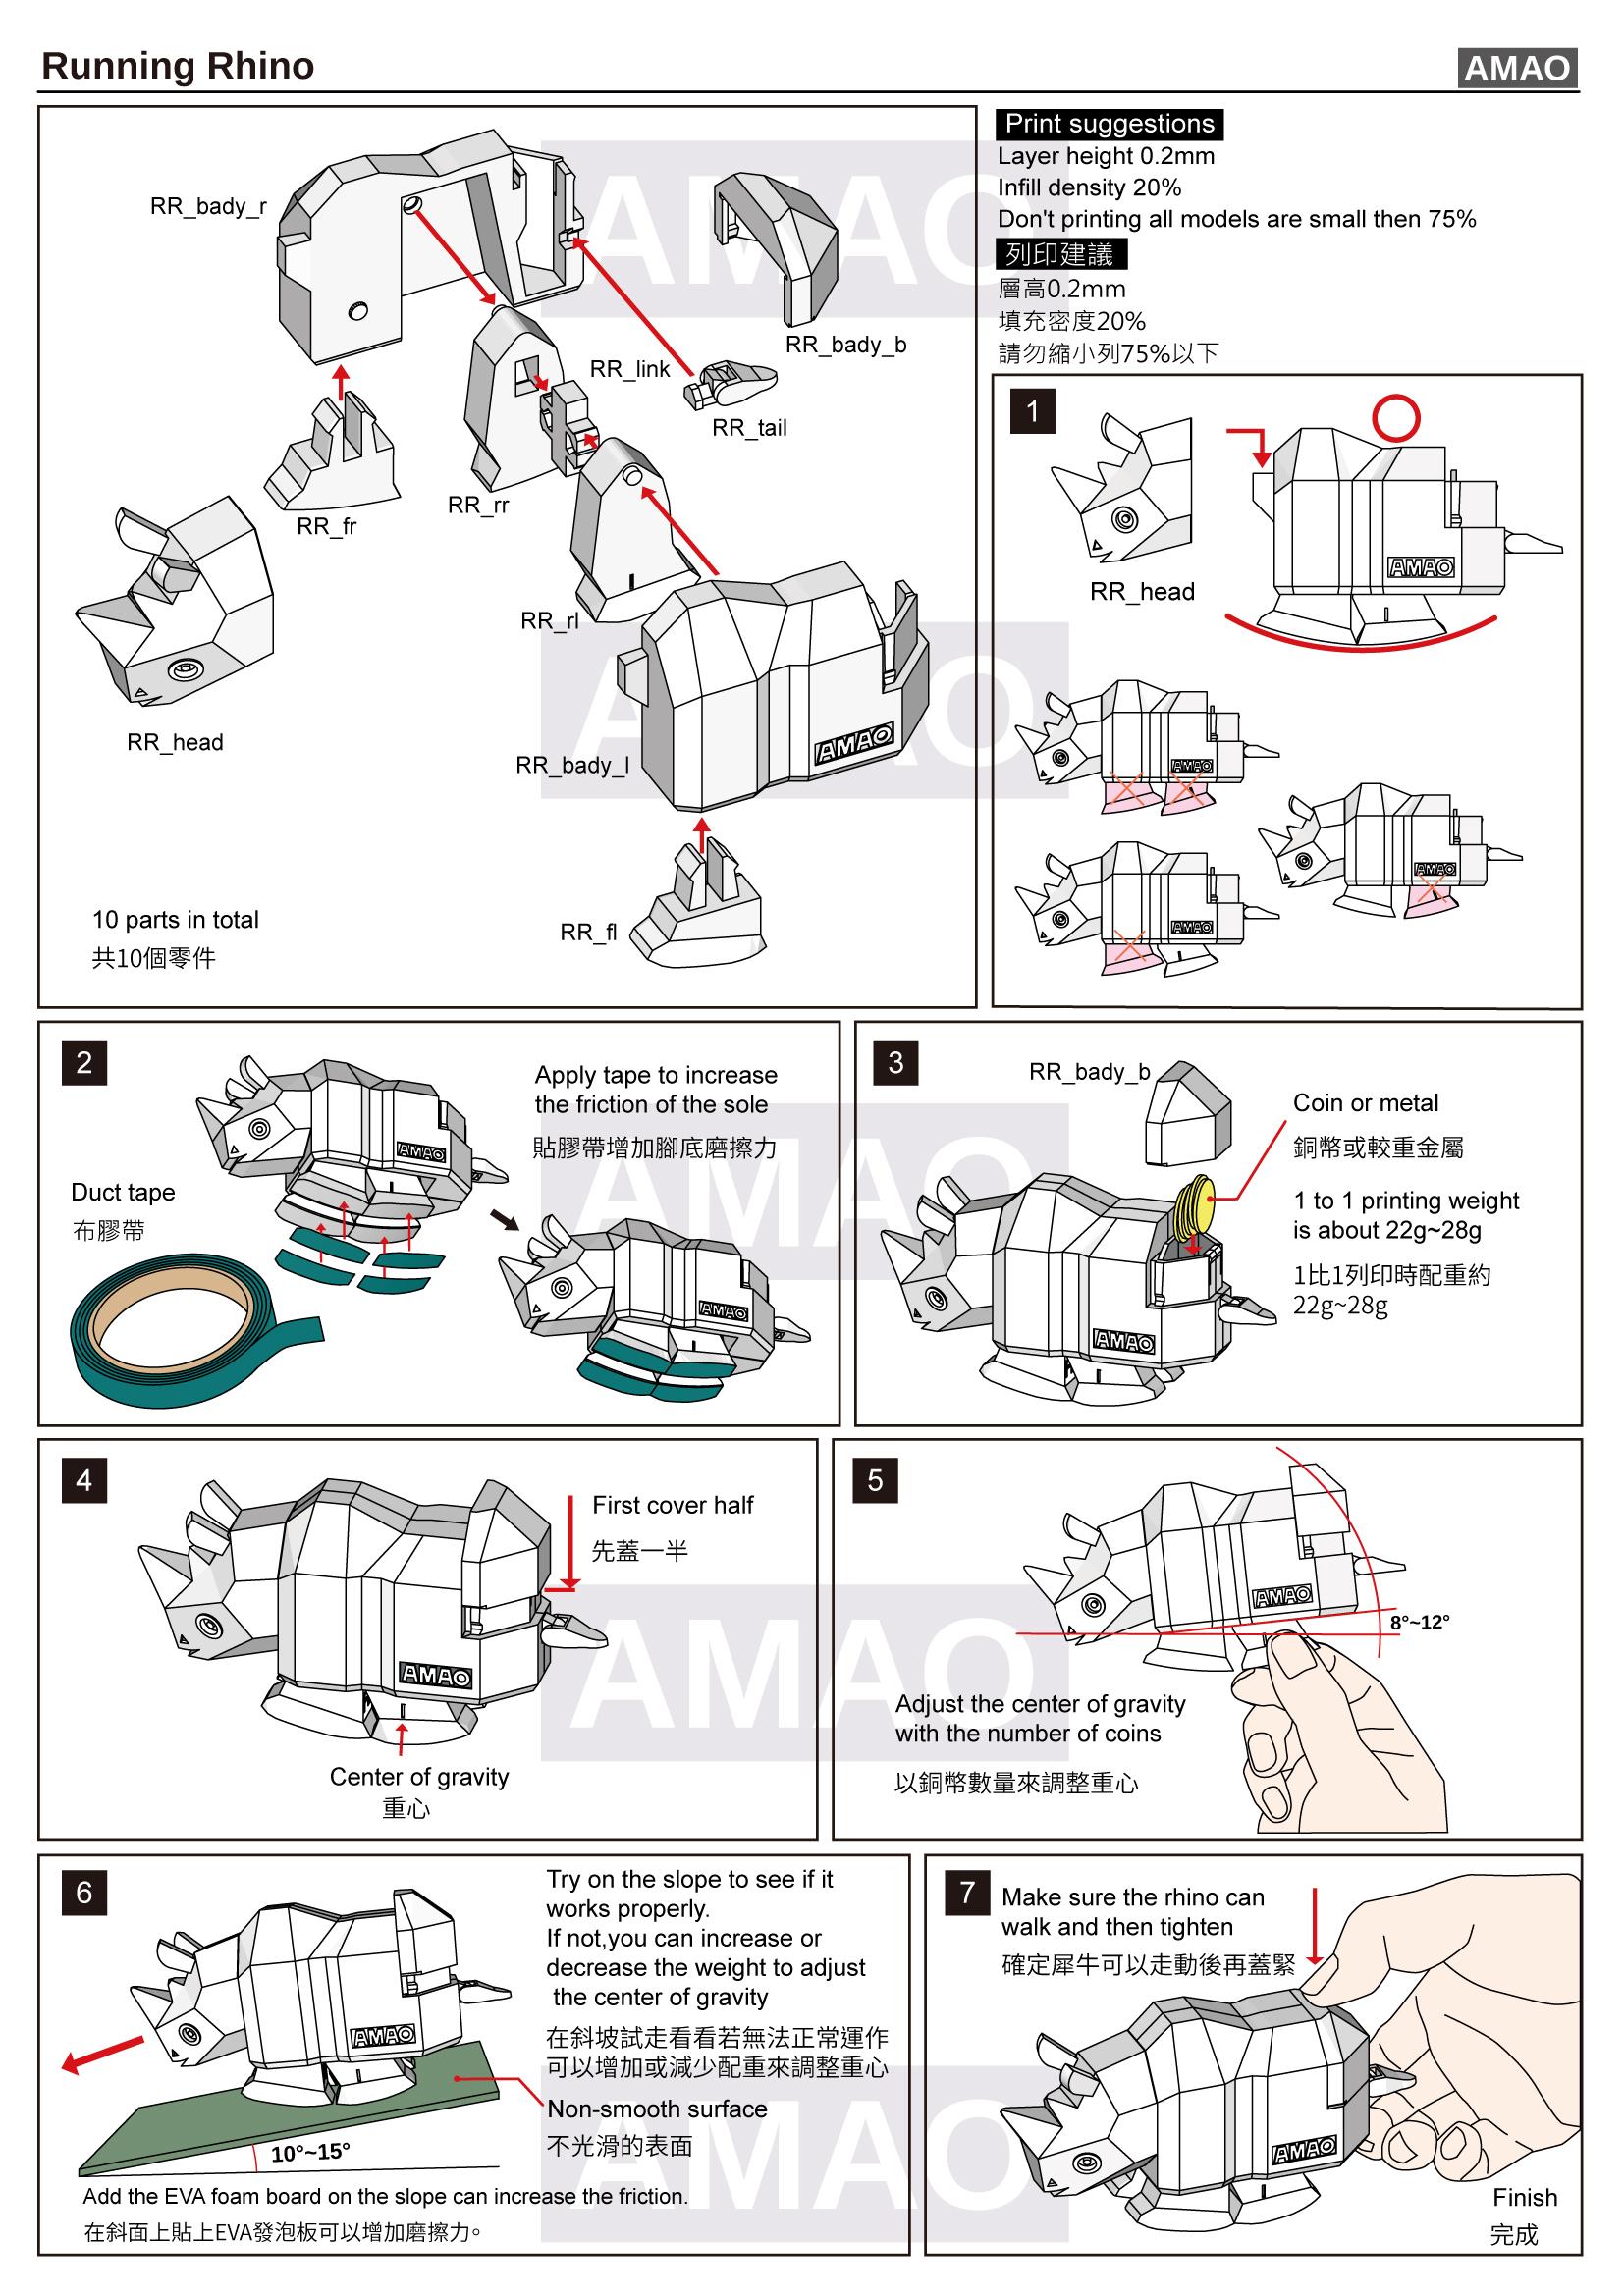 RR-Assembly Drawings.jpg Télécharger fichier STL La course à pied Rhino • Modèle à imprimer en 3D, Amao